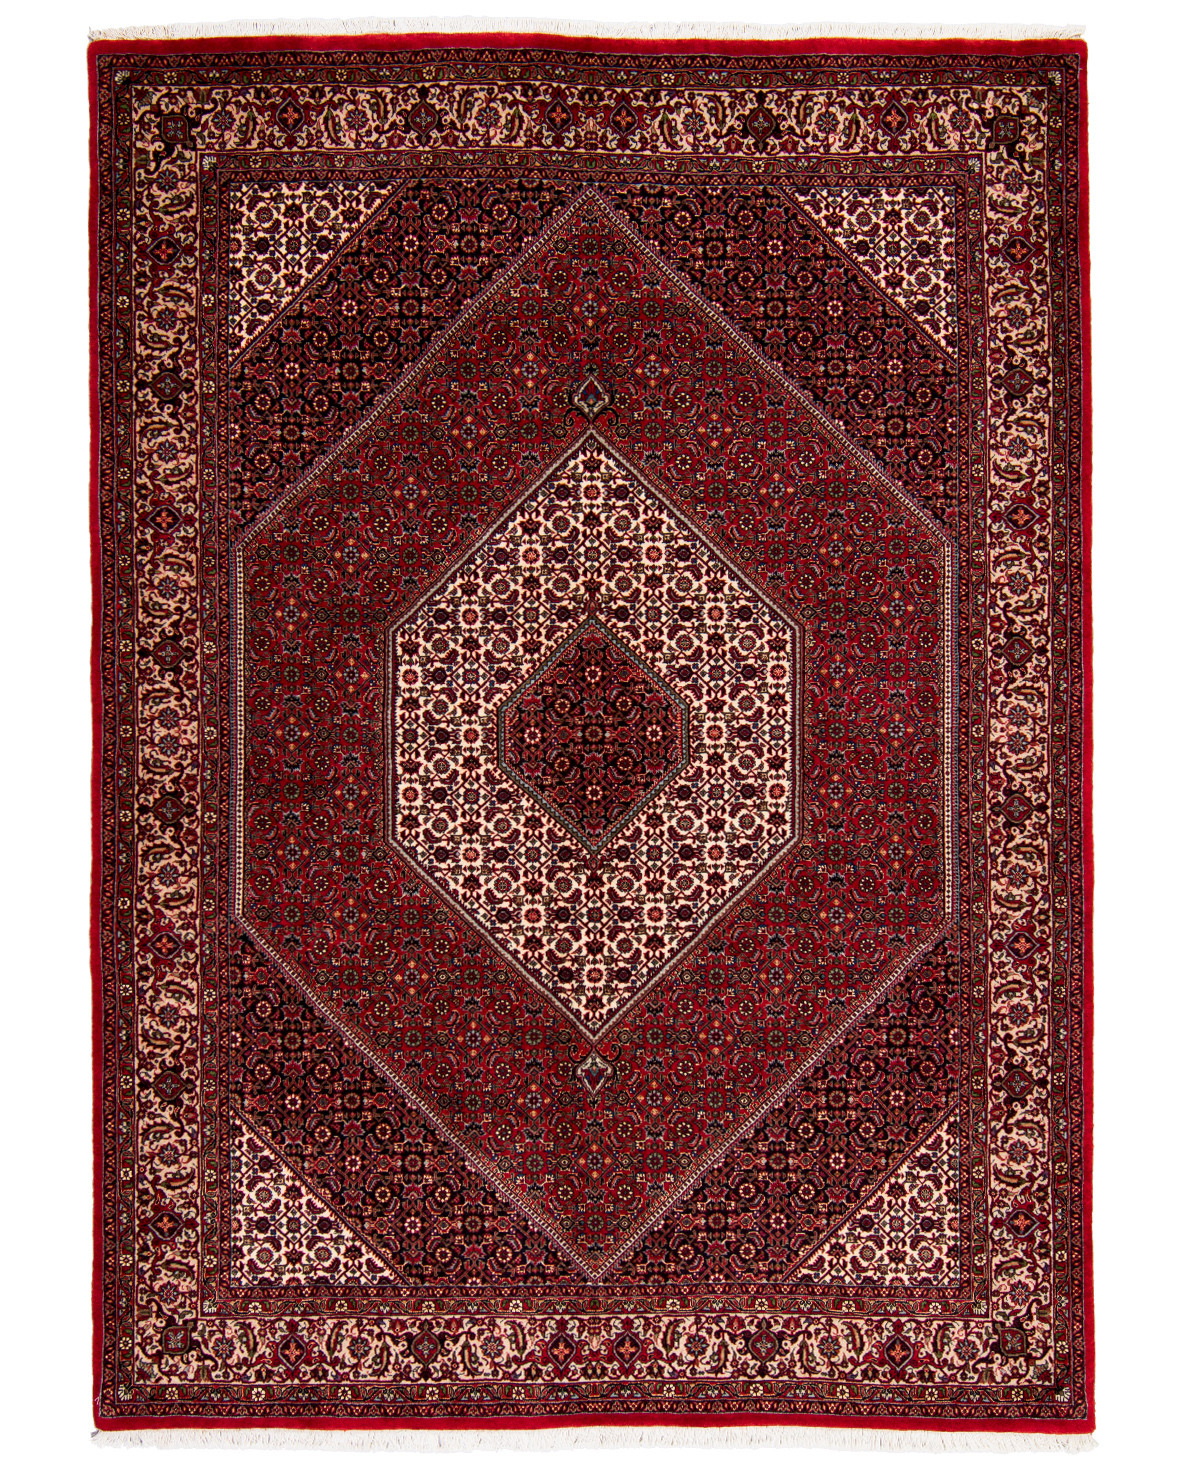 Tätknuten persisk Bidjar matta med silkesinslag